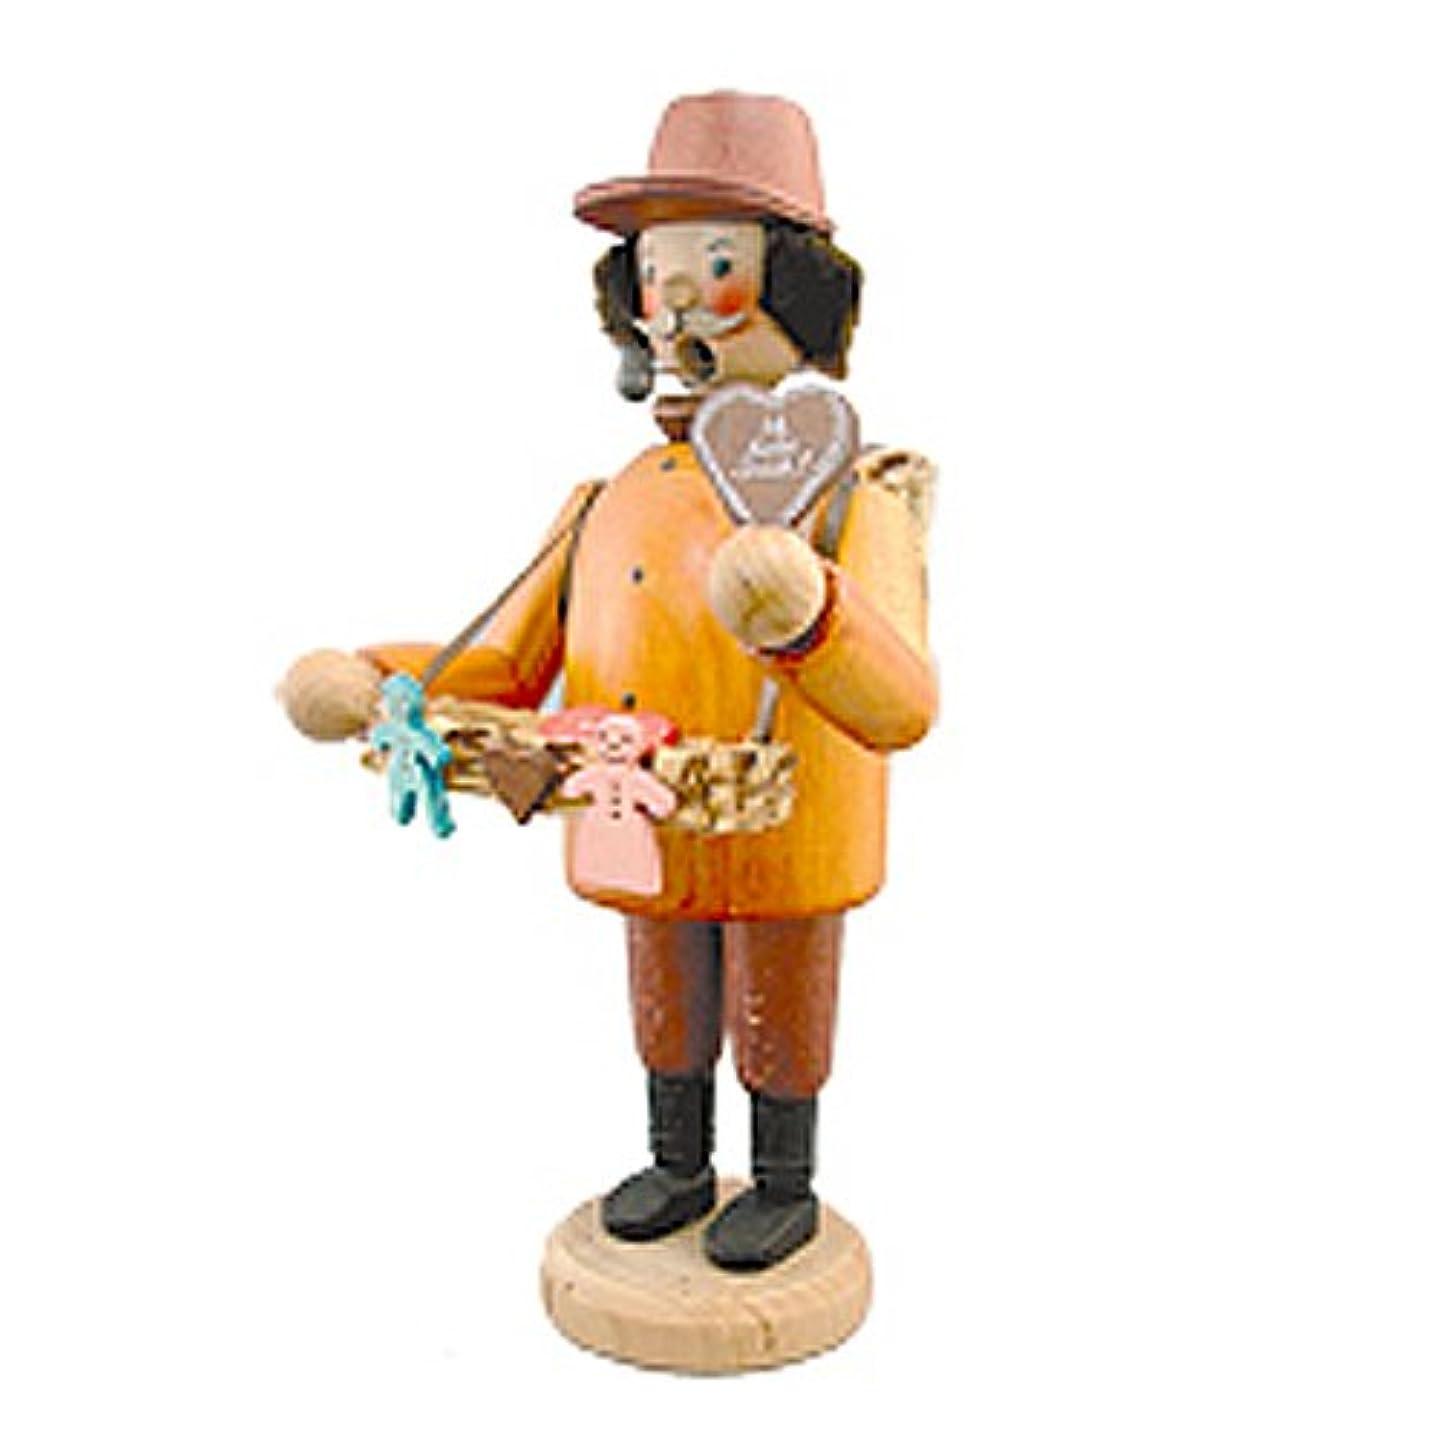 移民顔料南方のkuhnert(クーネルト) パイプ人形香炉 120×200mm 「菓子売り」